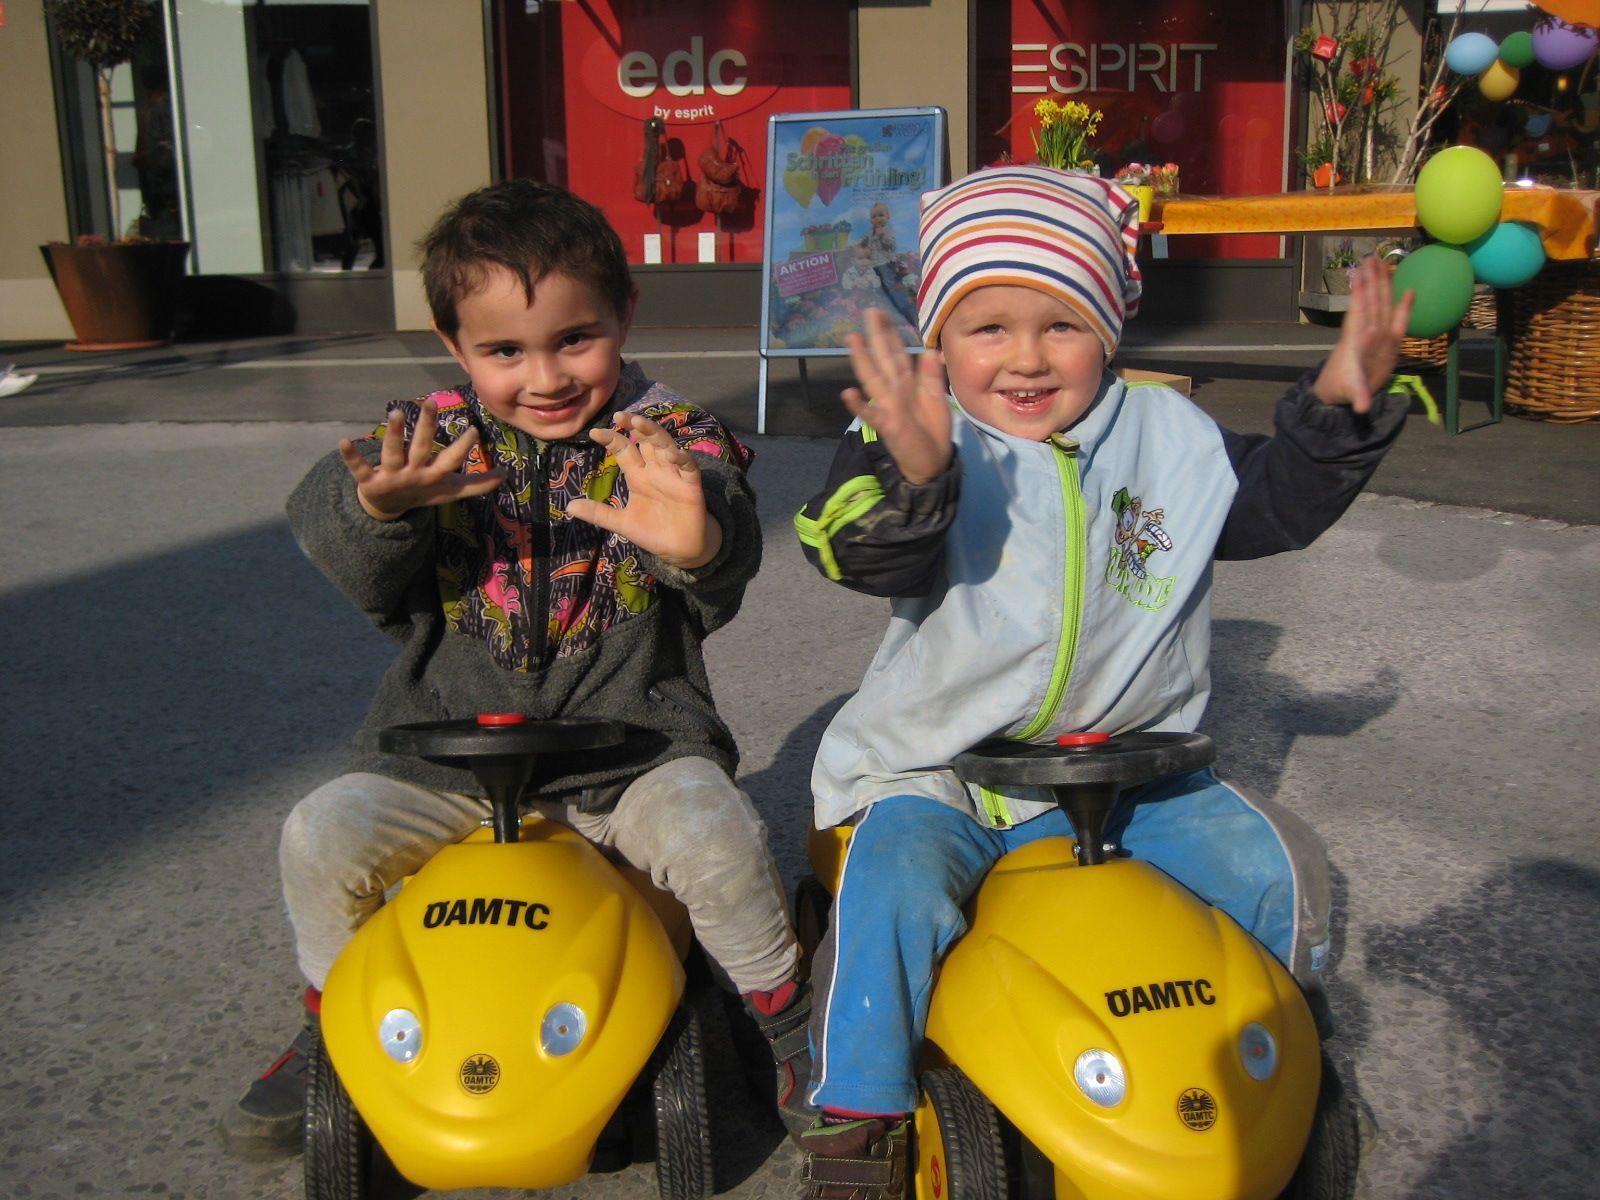 Raphael und Jason drehten auf den Bobbycars einige Runden.